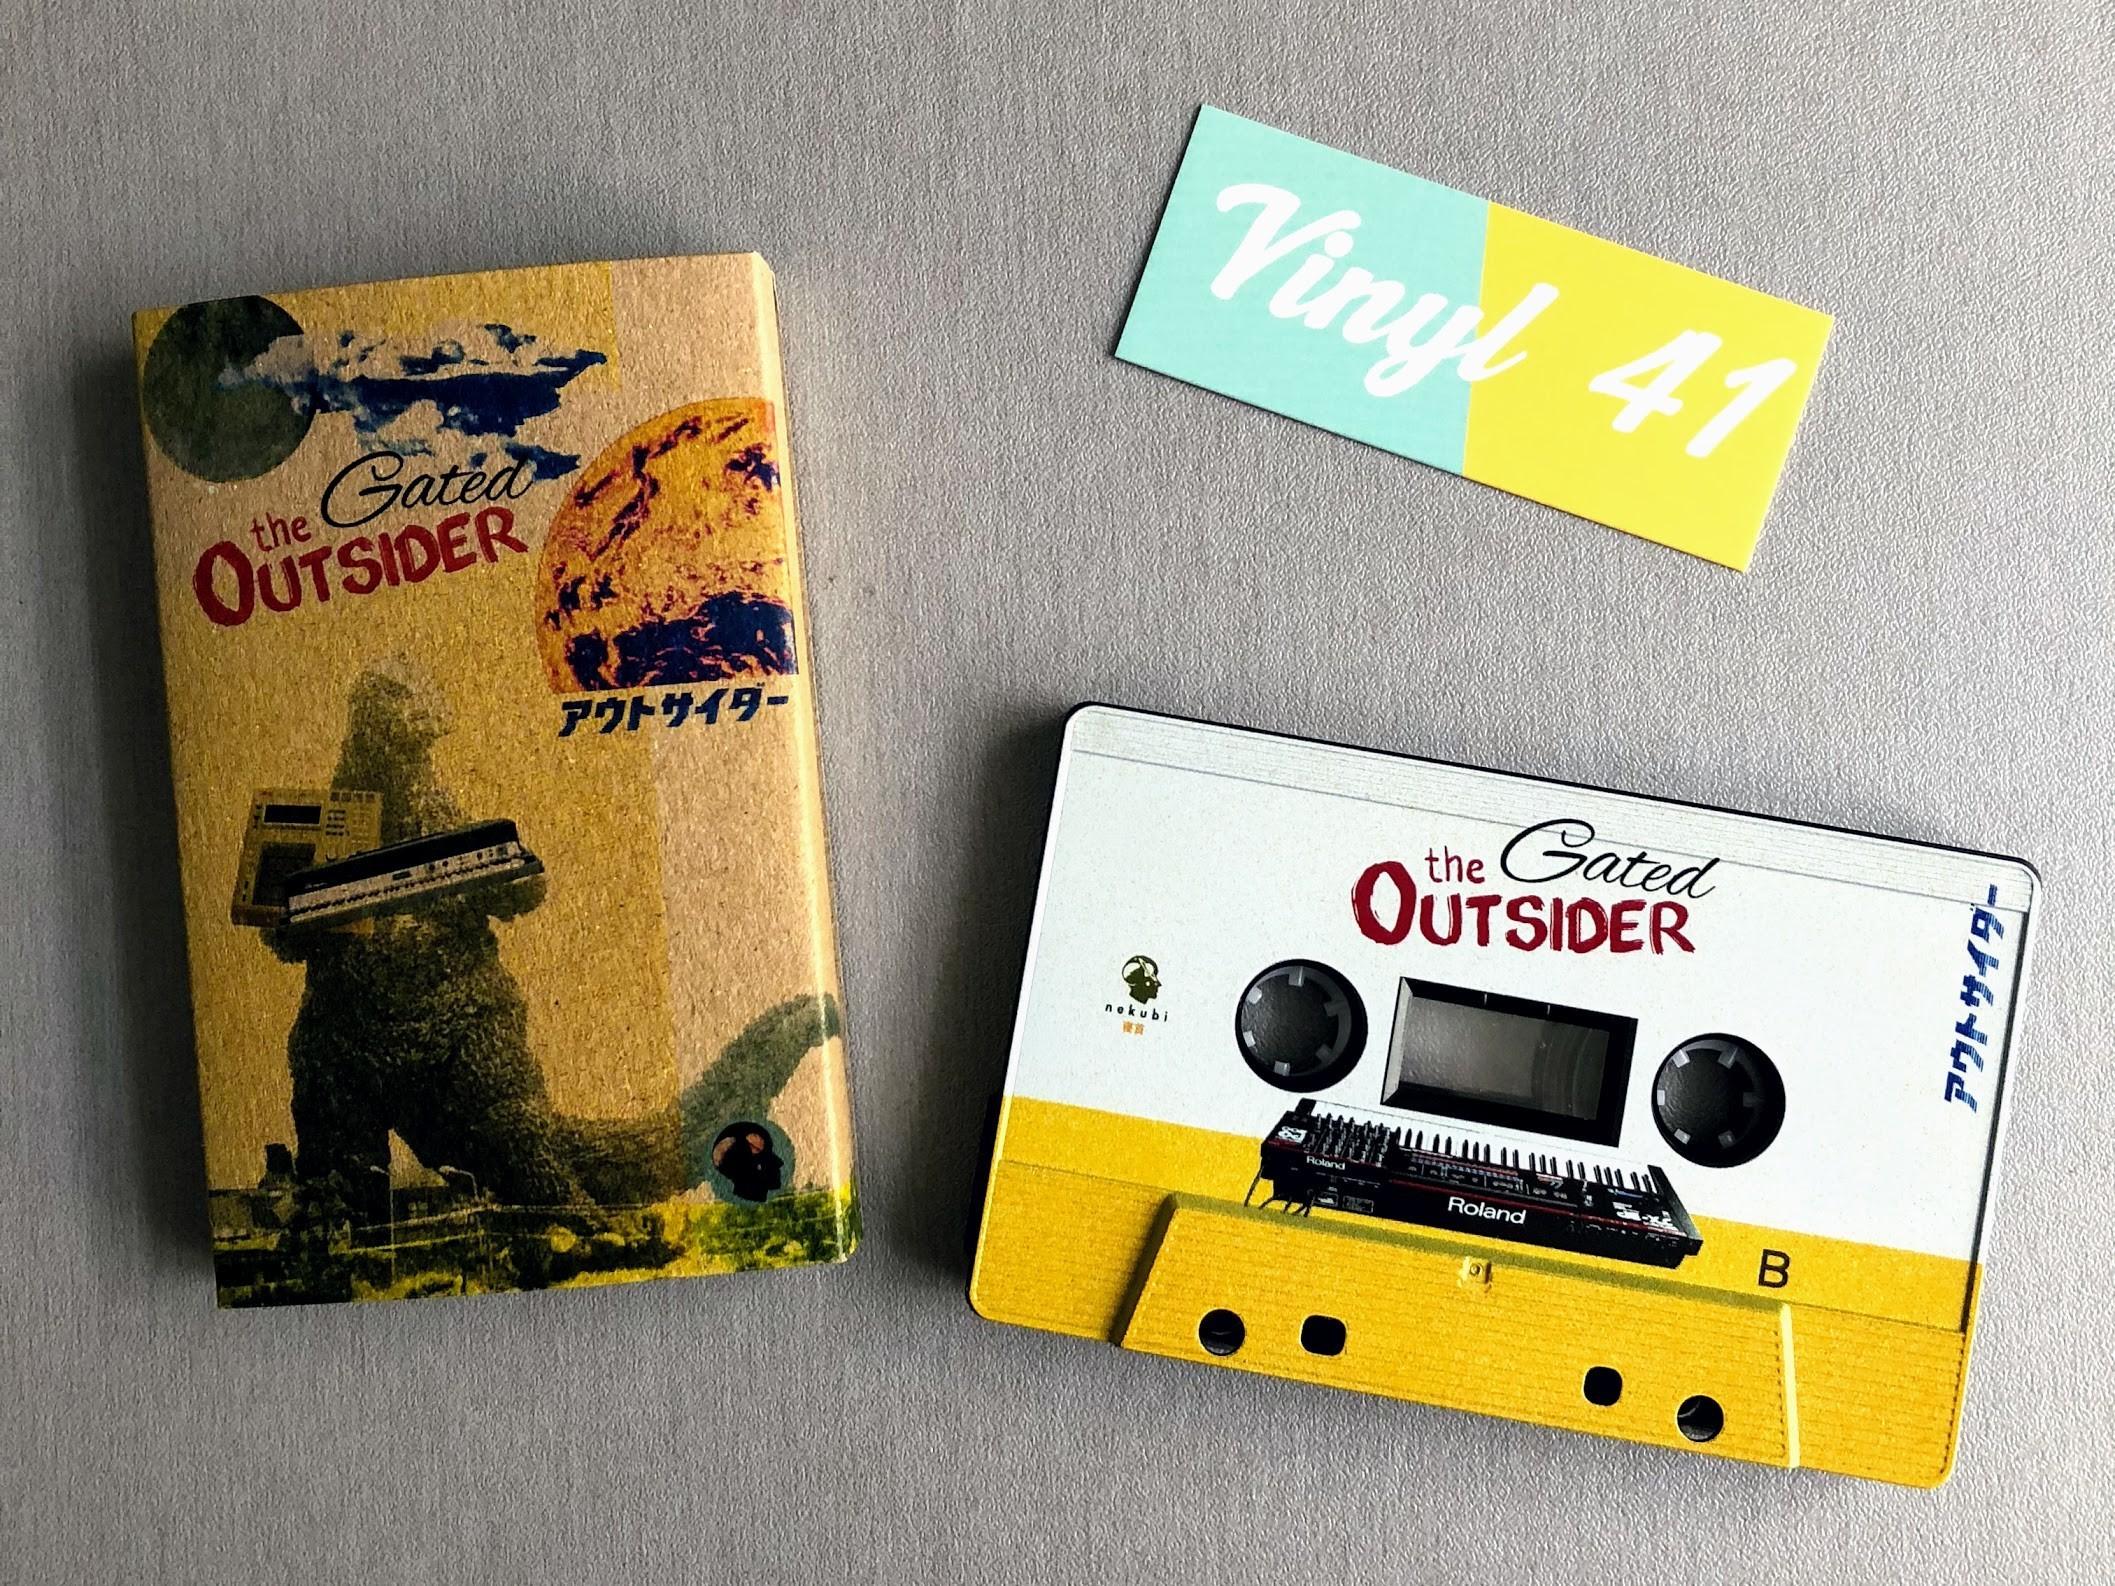 gated - The Outsider - Nekubi_Tapes - NEK057